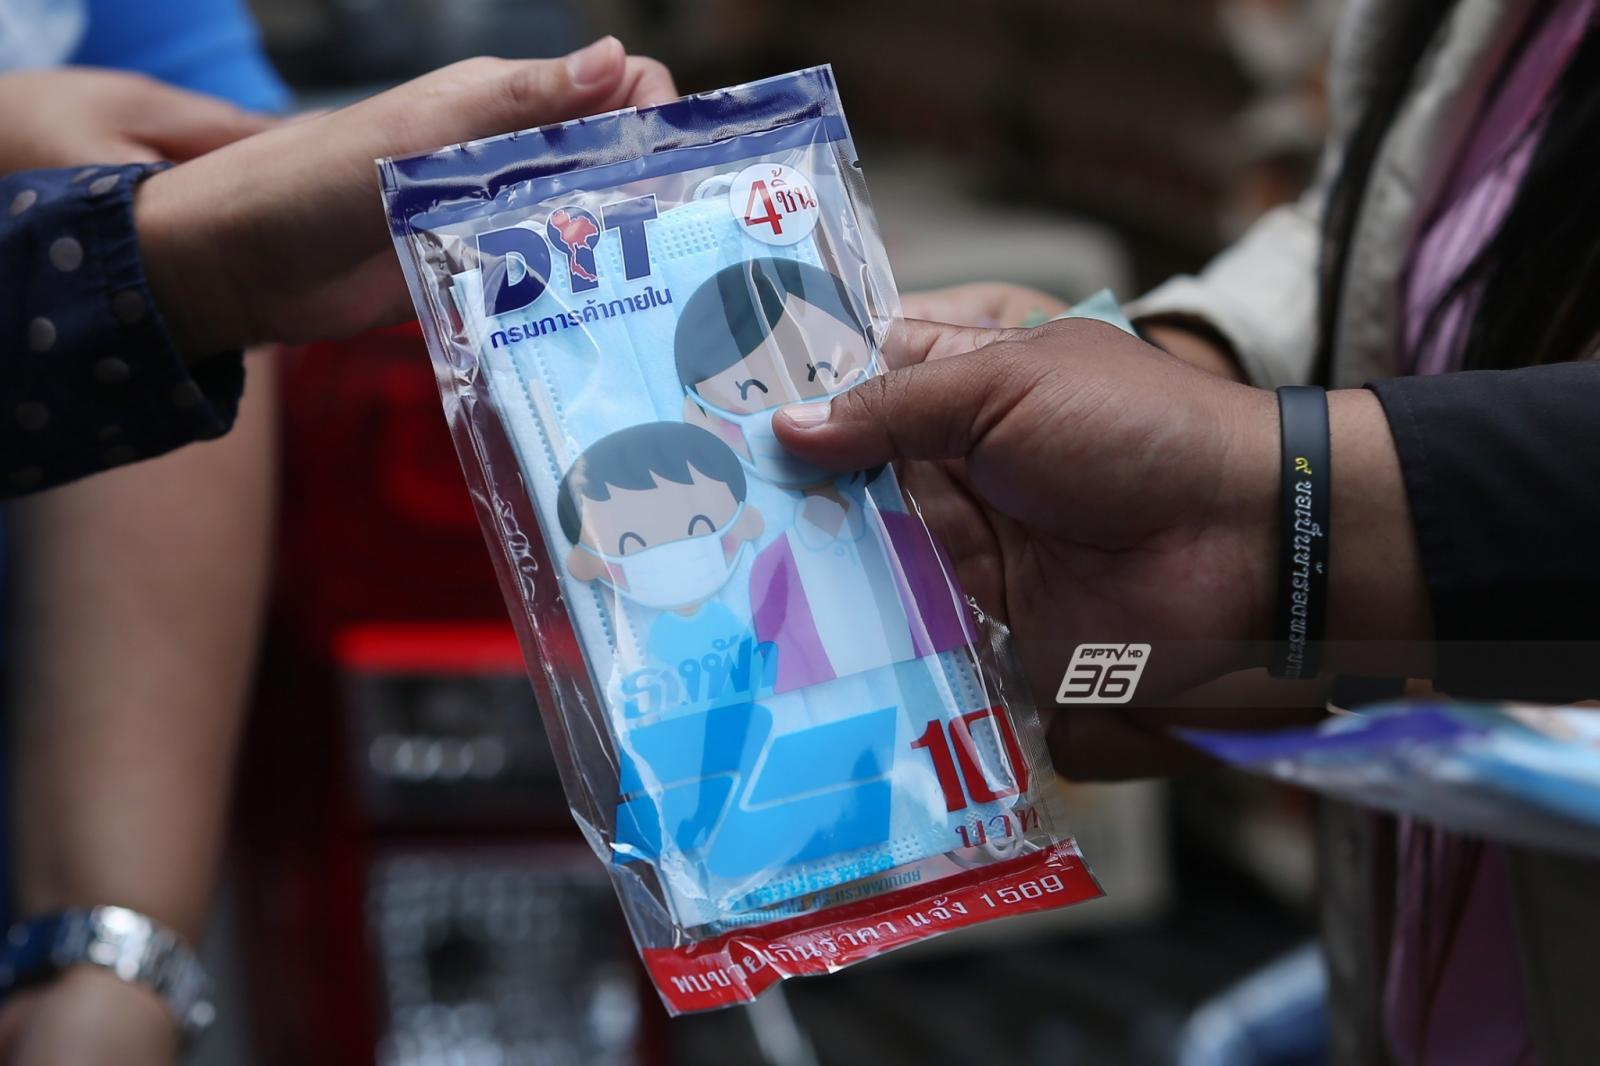 กรมการค้าภายใน ยัน โรงงานส่งหน้ากากให้ร้านขายยา 2.5 หมื่นชิ้น/วัน